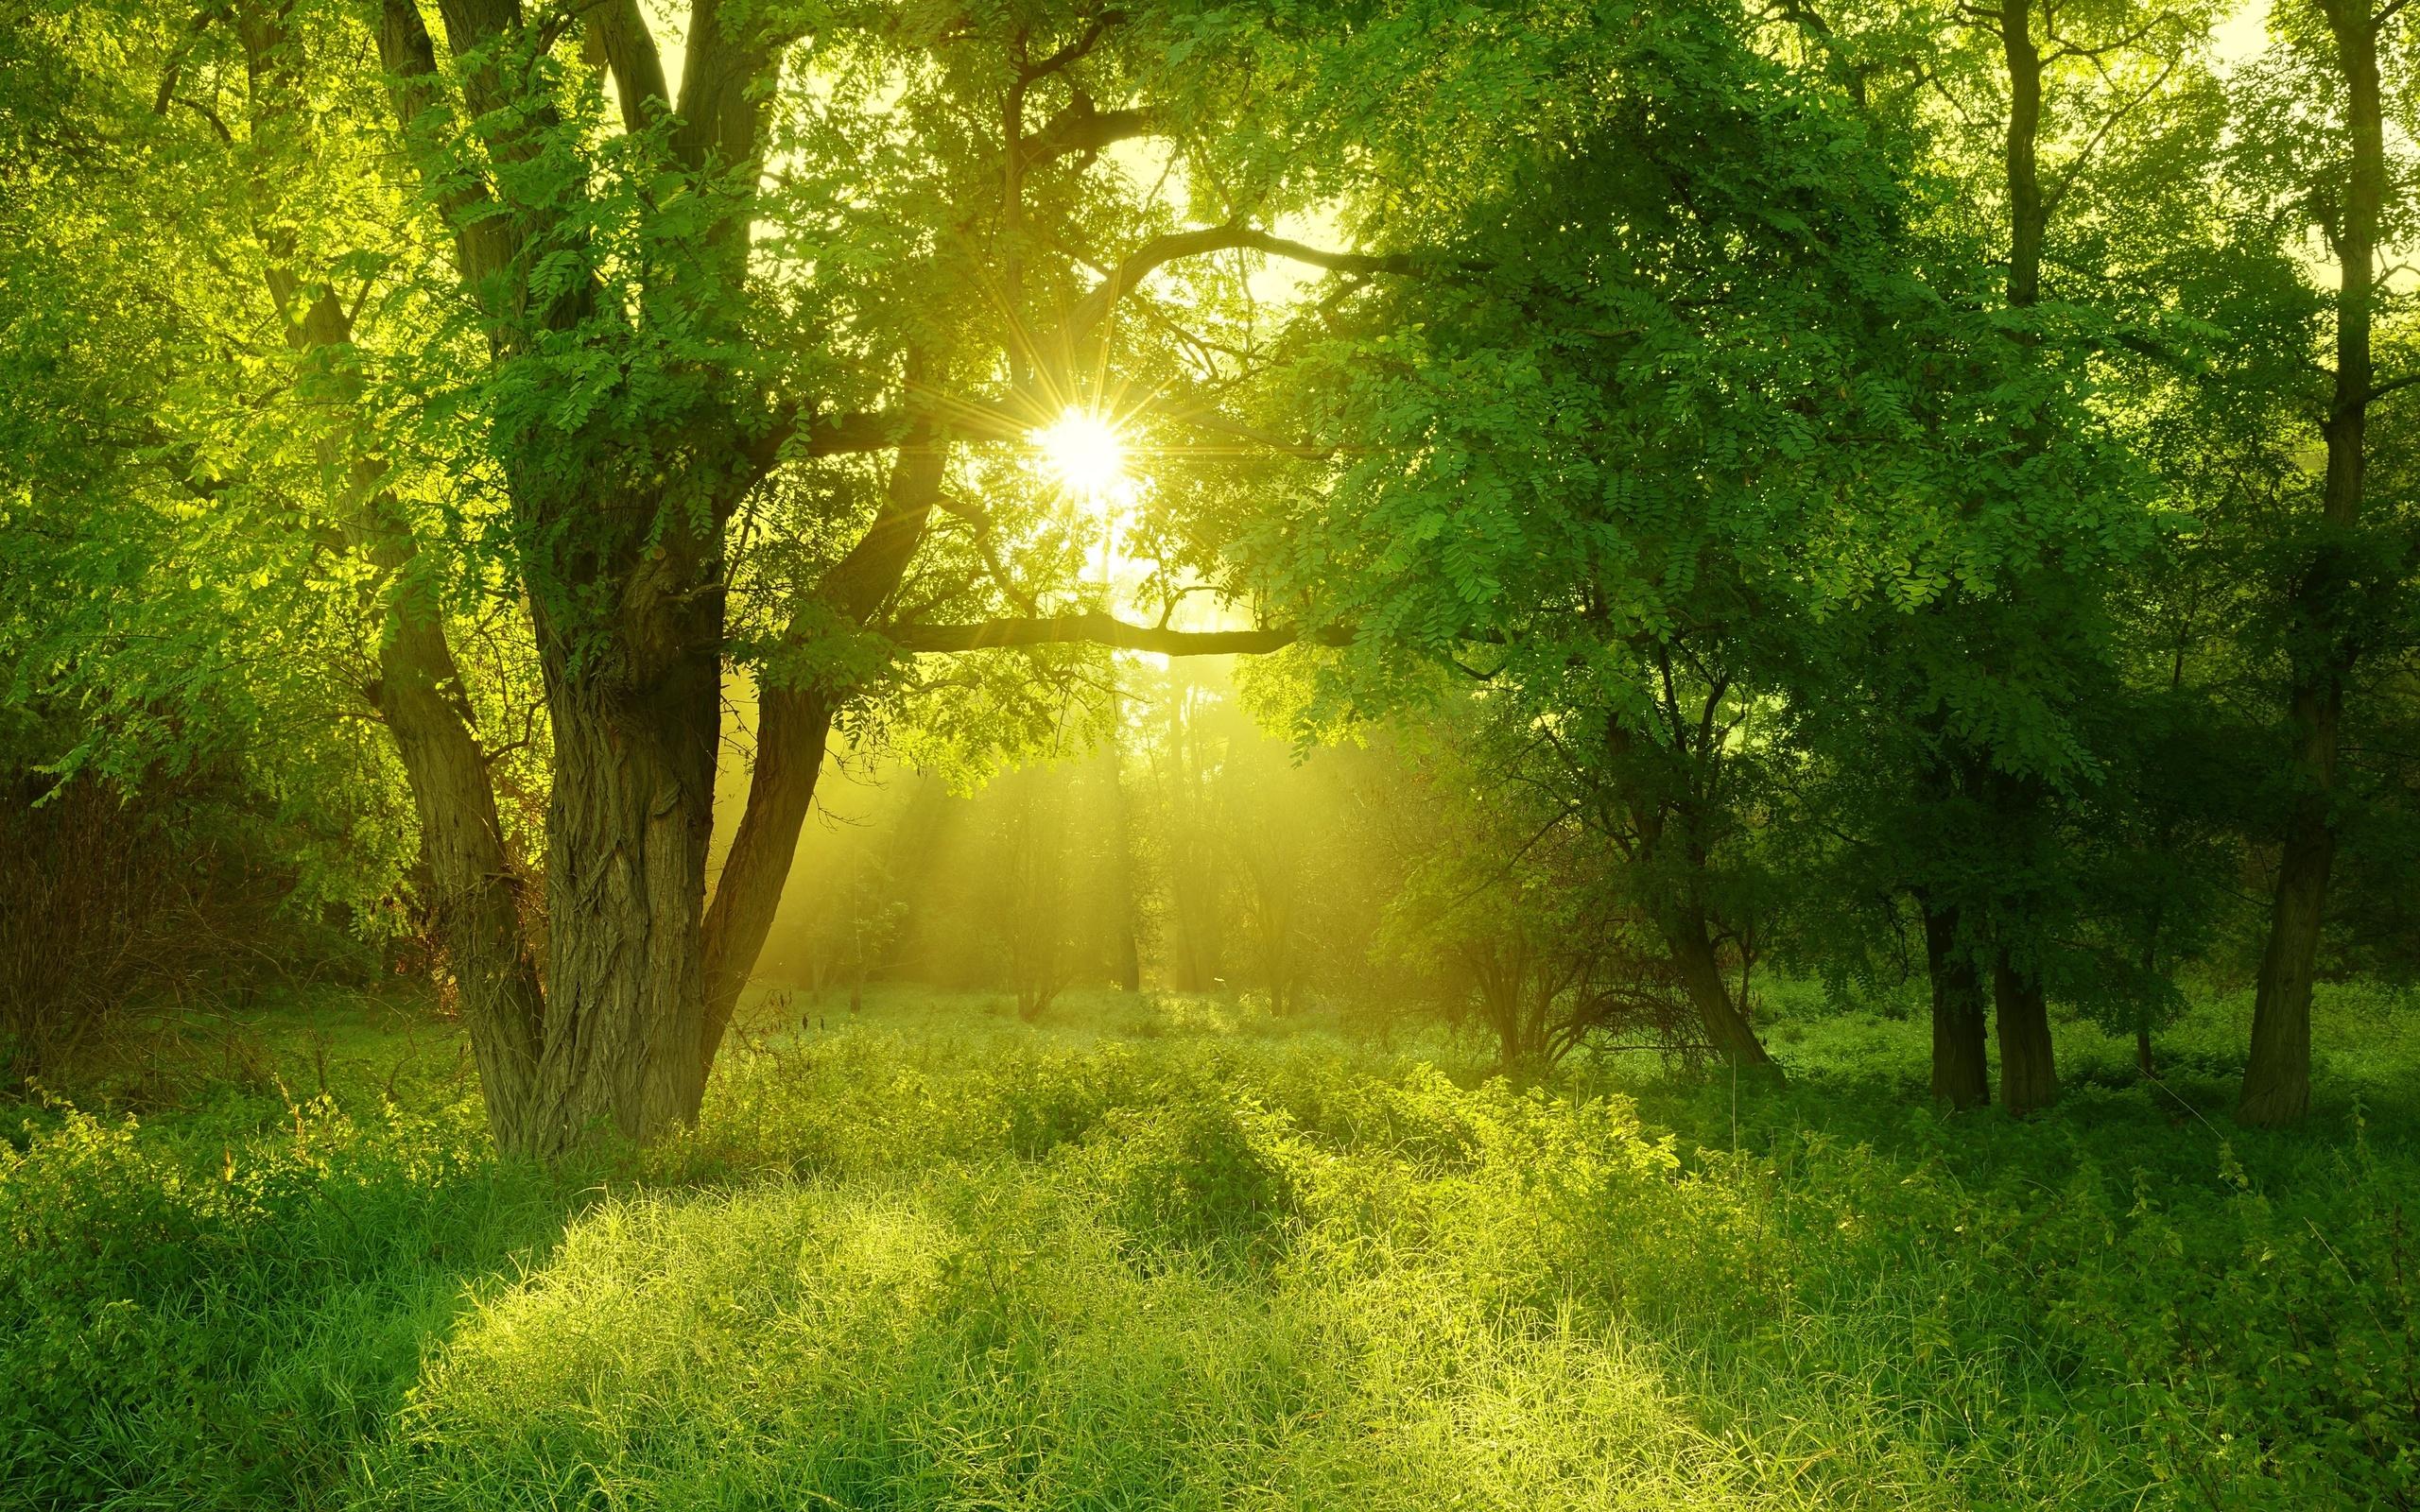 будущем солнечный день фото картинки новосельской